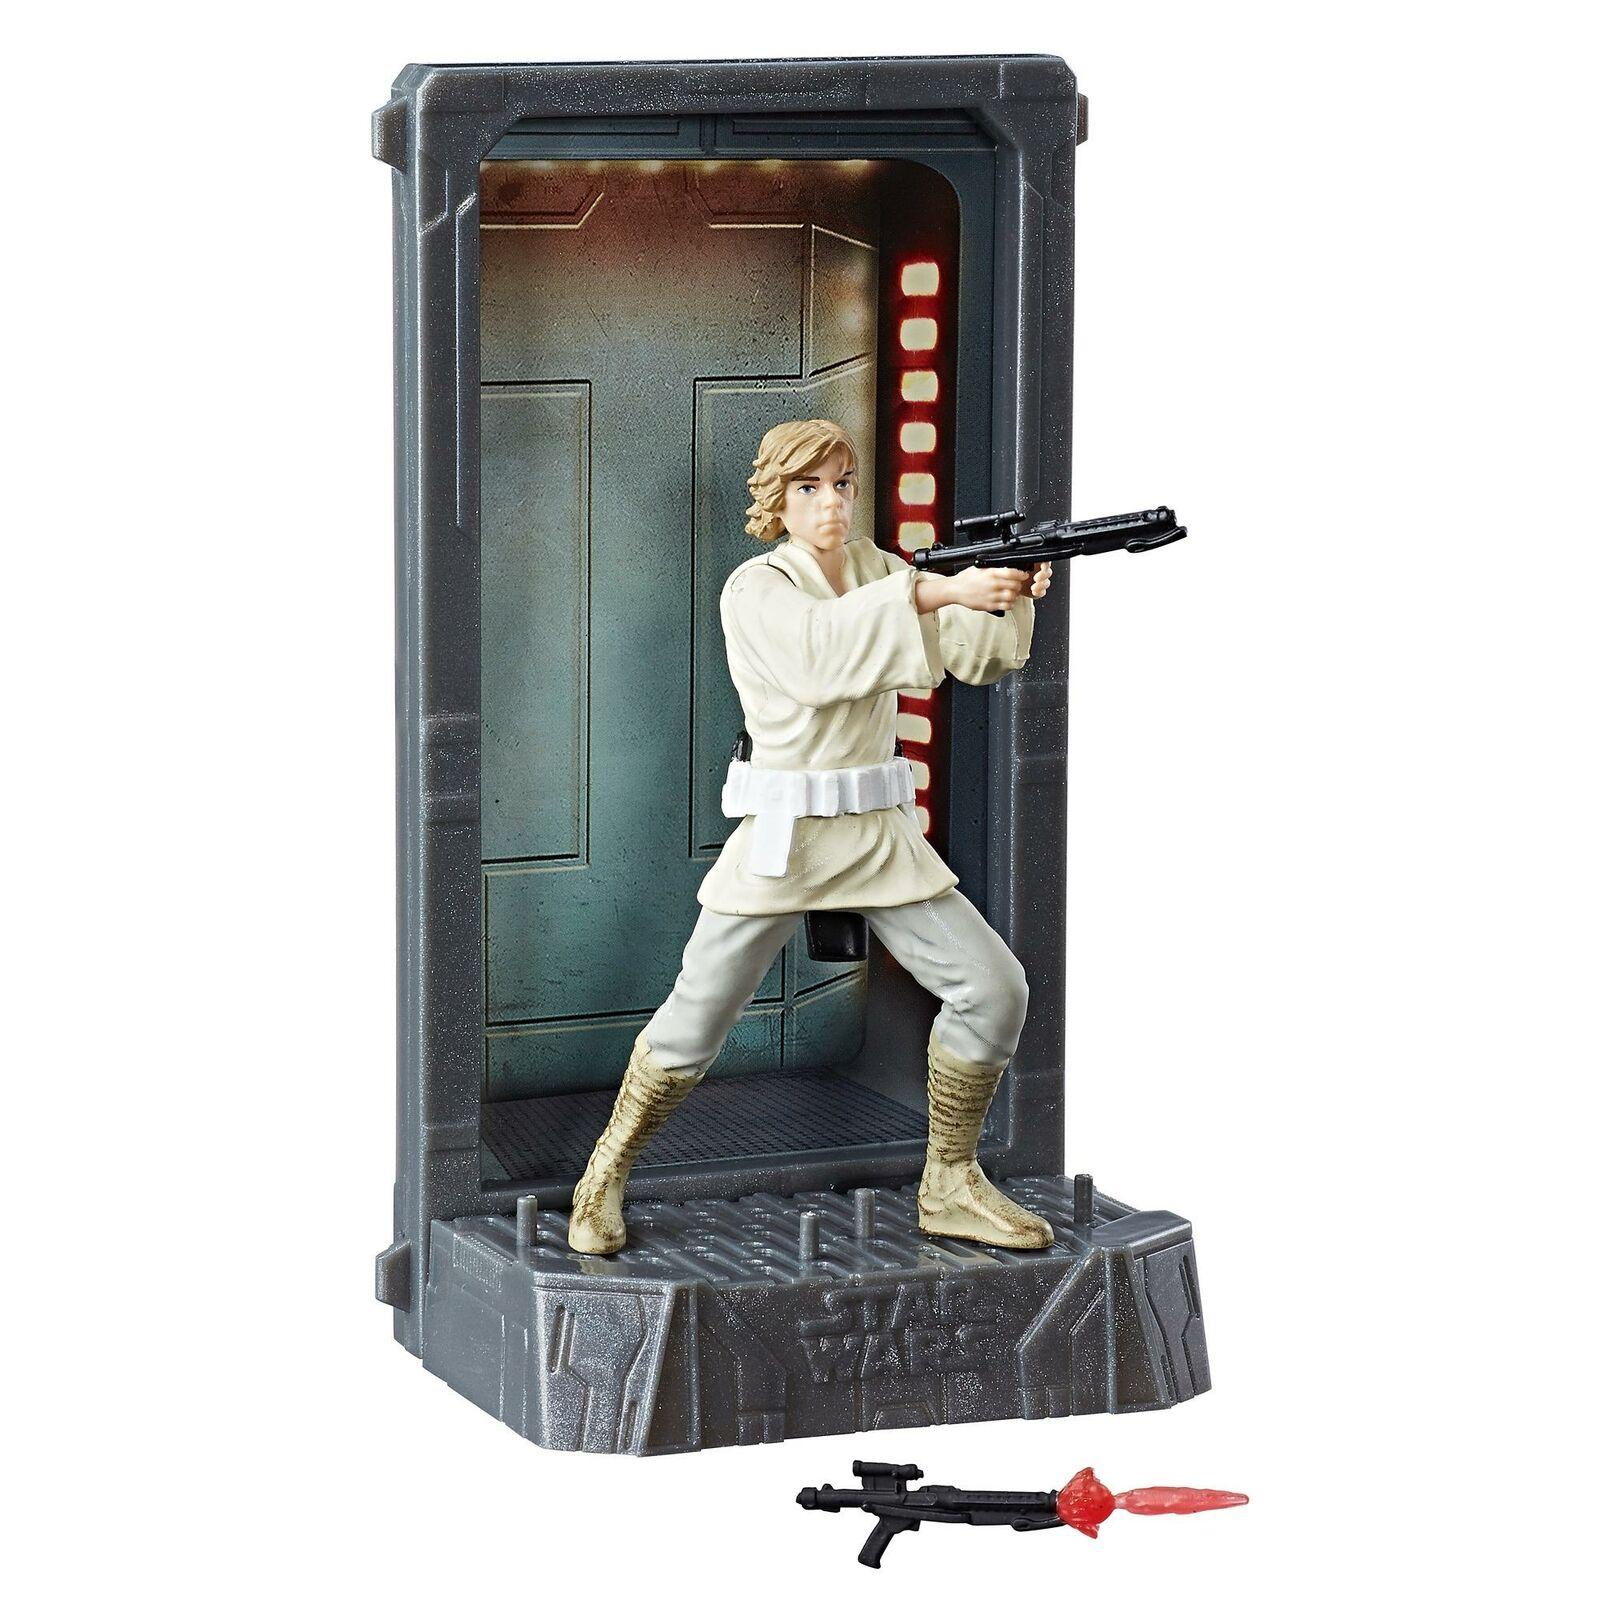 Star Wars: The Black Series Titanium Series Luke Skywalker $4.20, 2-Pc Rey & Elite Praetorian Guard Set $5 & More + Free Shipping $15+